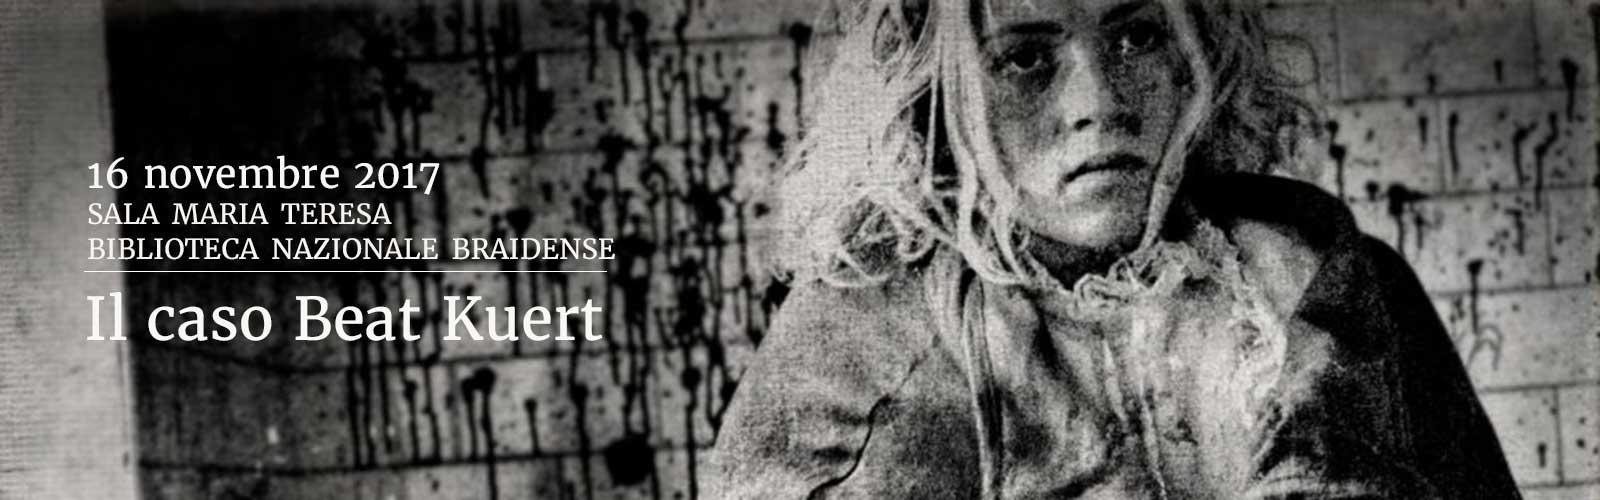 Il caso Beat Kuert